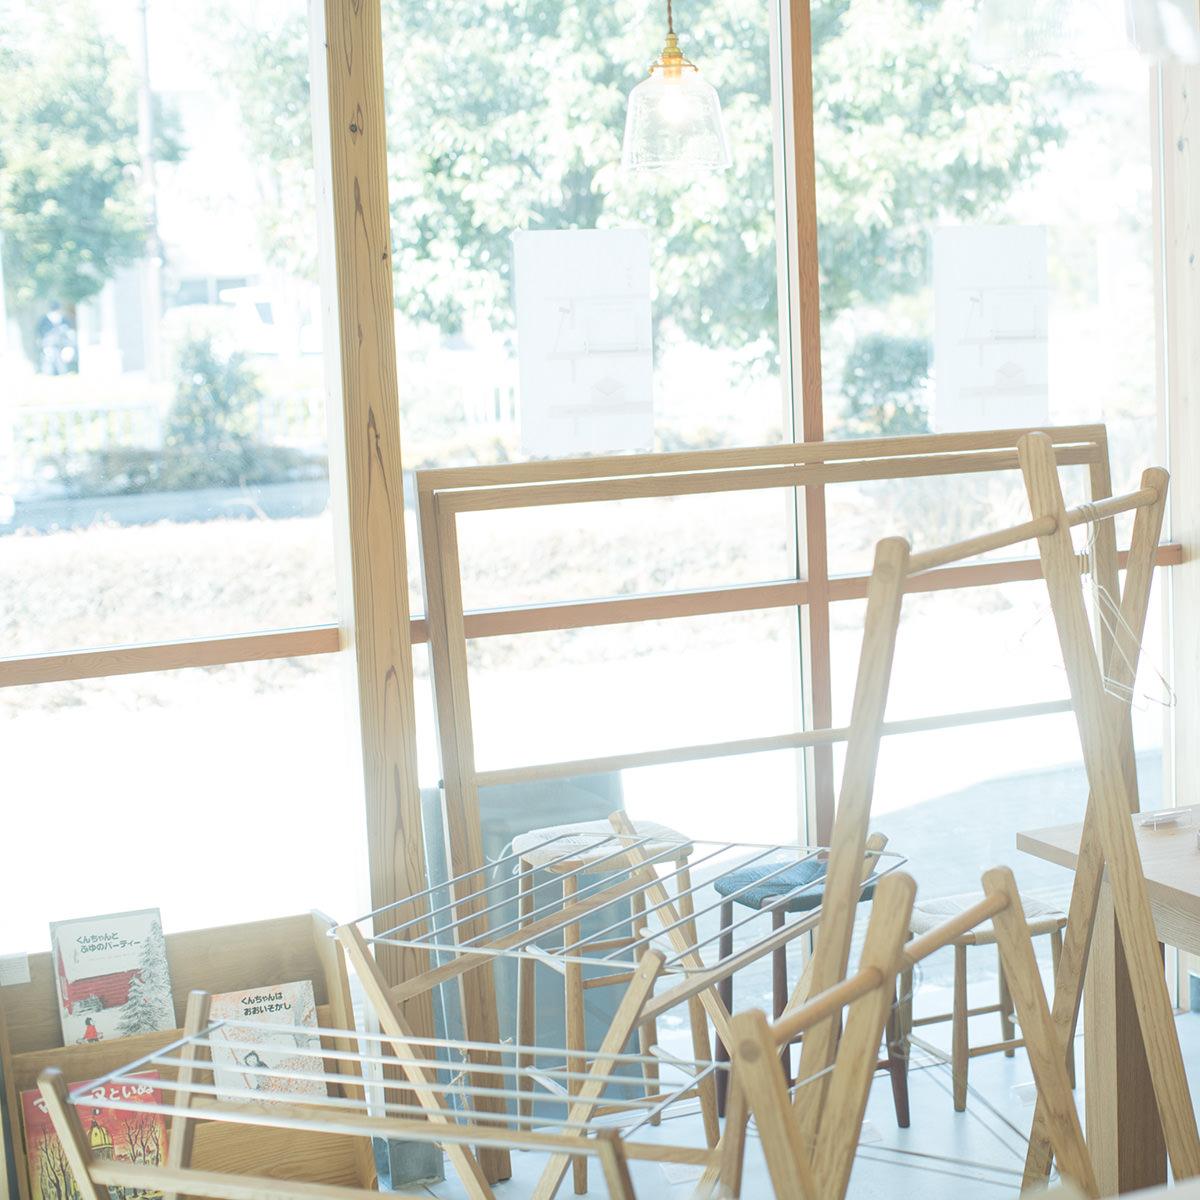 Kijirushi Exhibition / 木印展、終了いたしました。